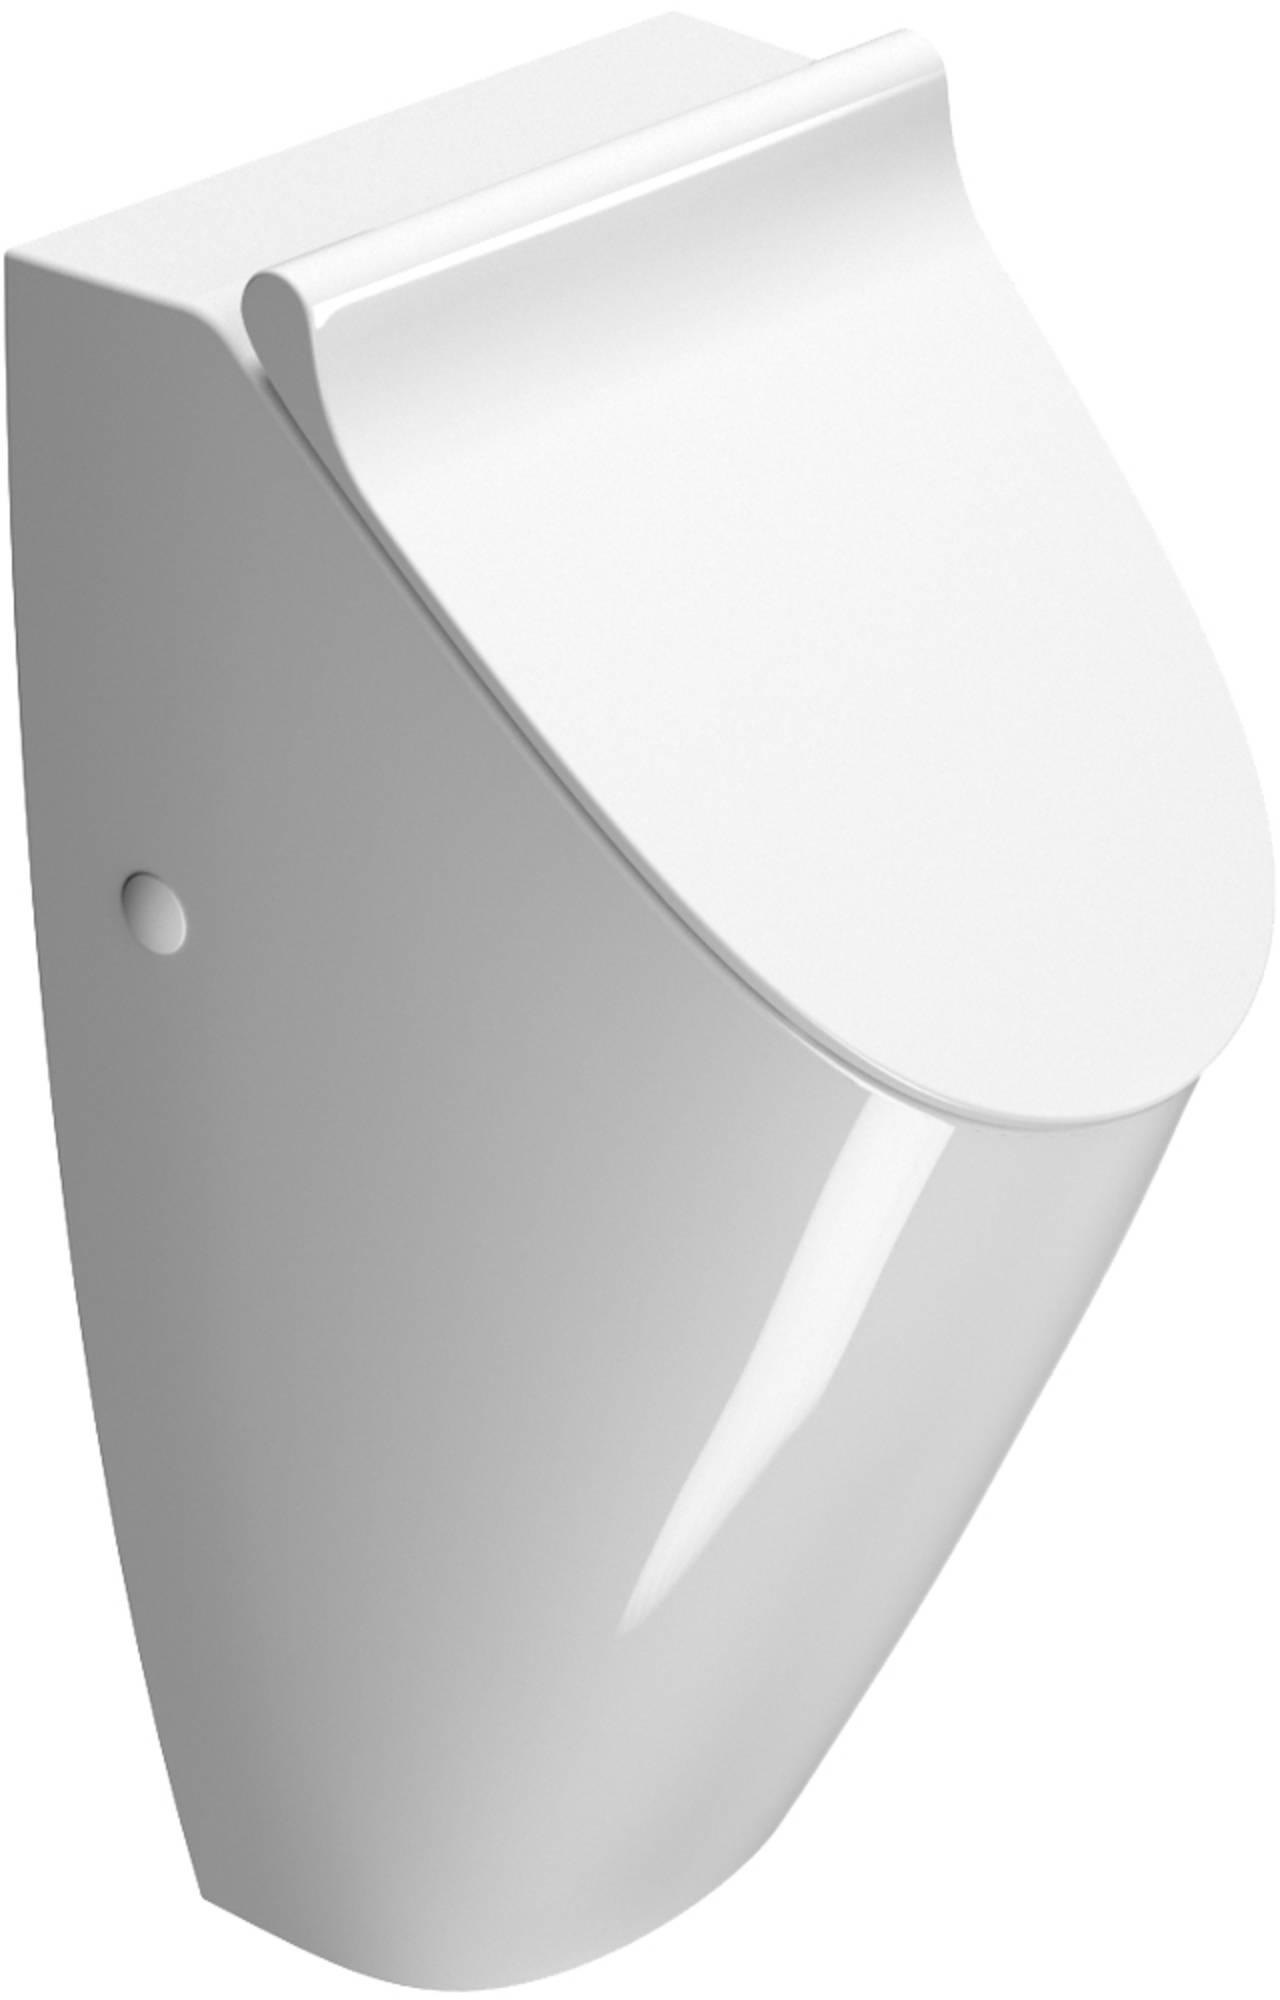 Productafbeelding van Ben Stilo urinoir geschikt voor deksel 31x35x65cm Xtra glaze+ wit